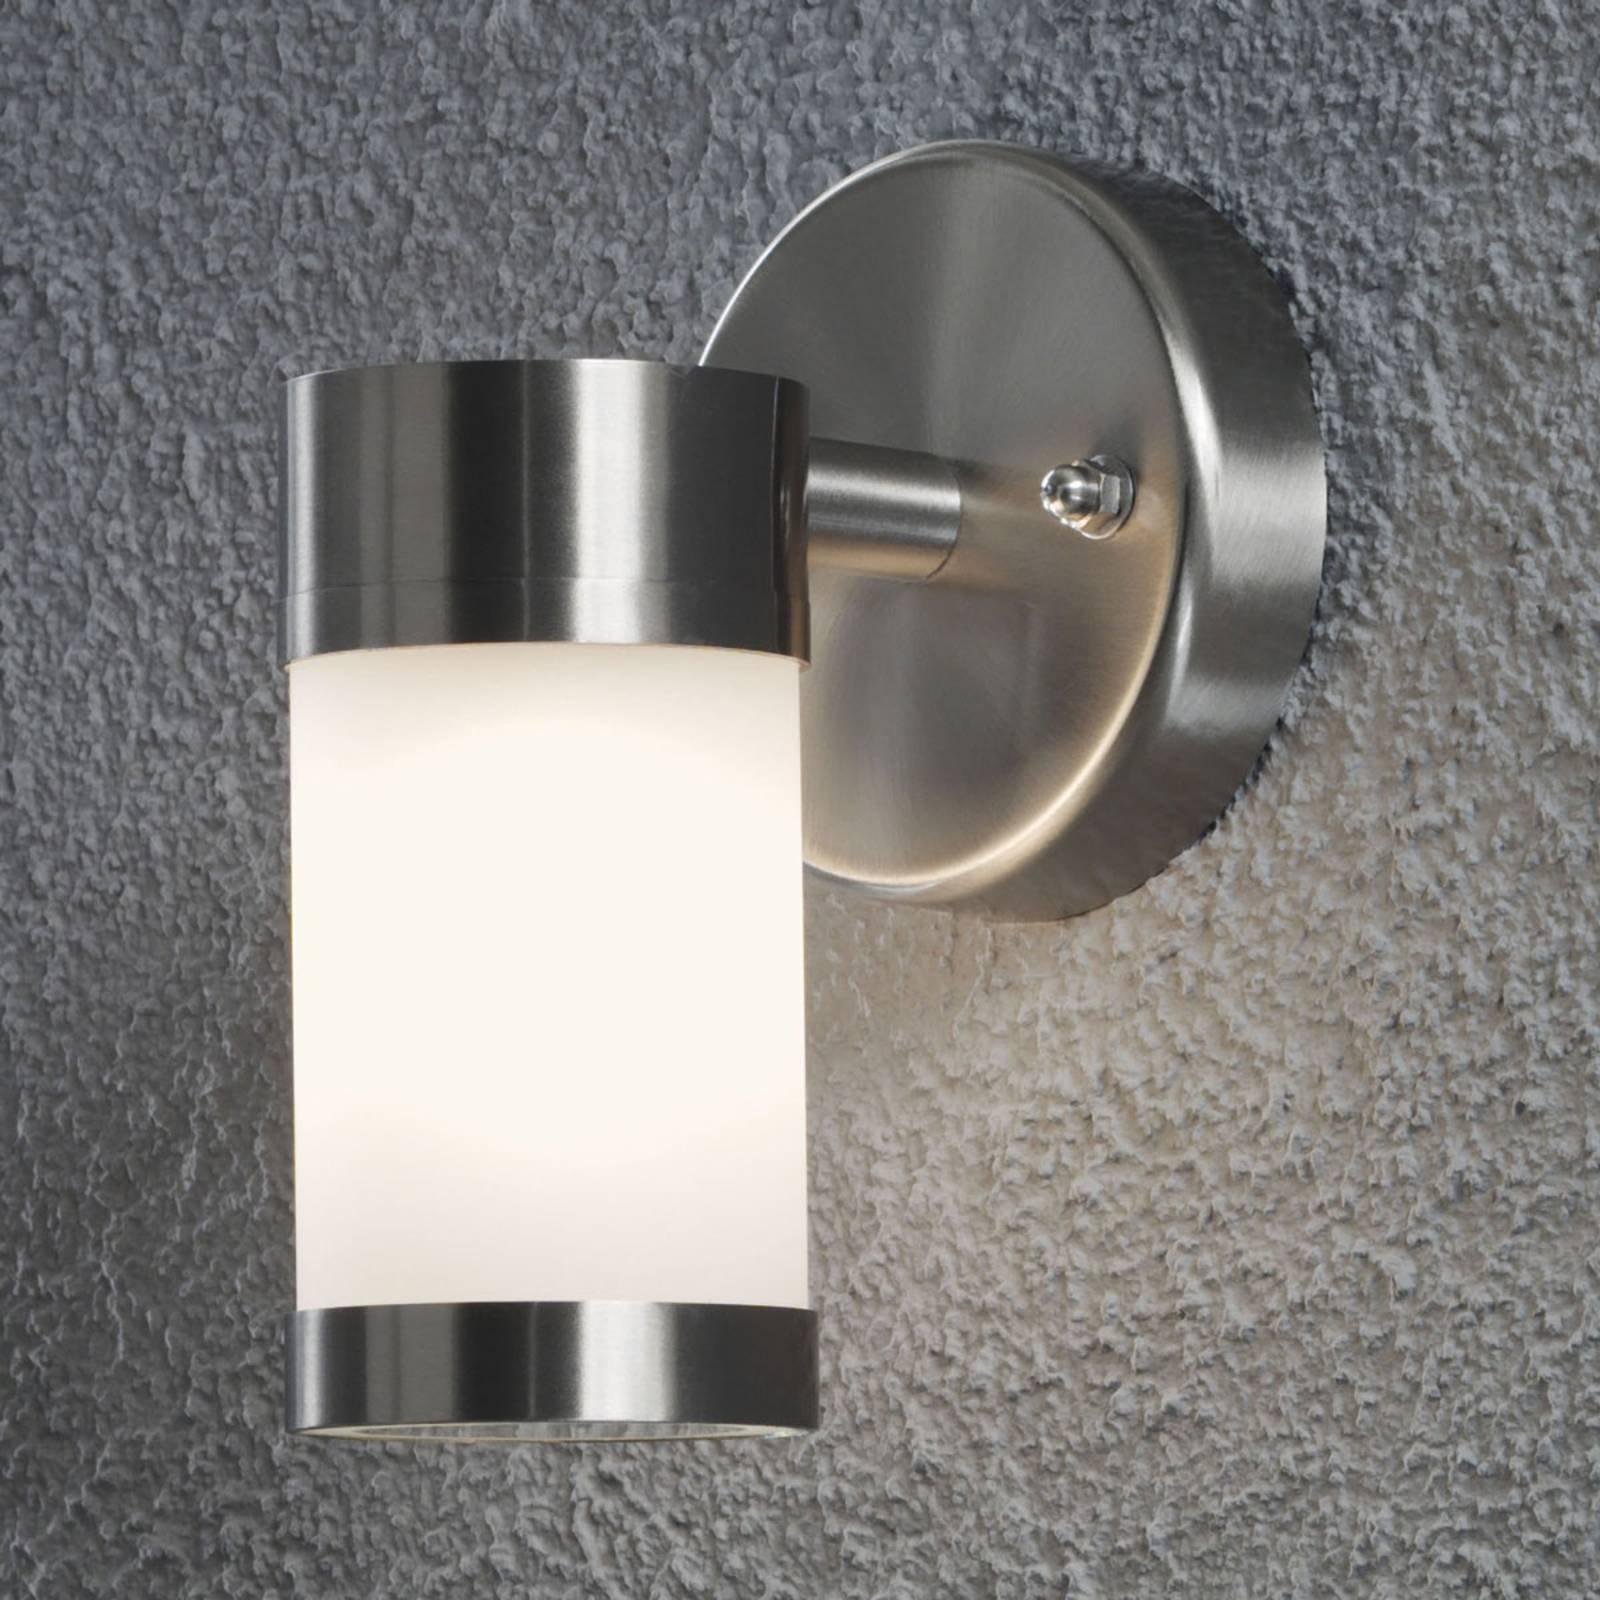 Enkel utendørs MODENA vegglampe med ett lys